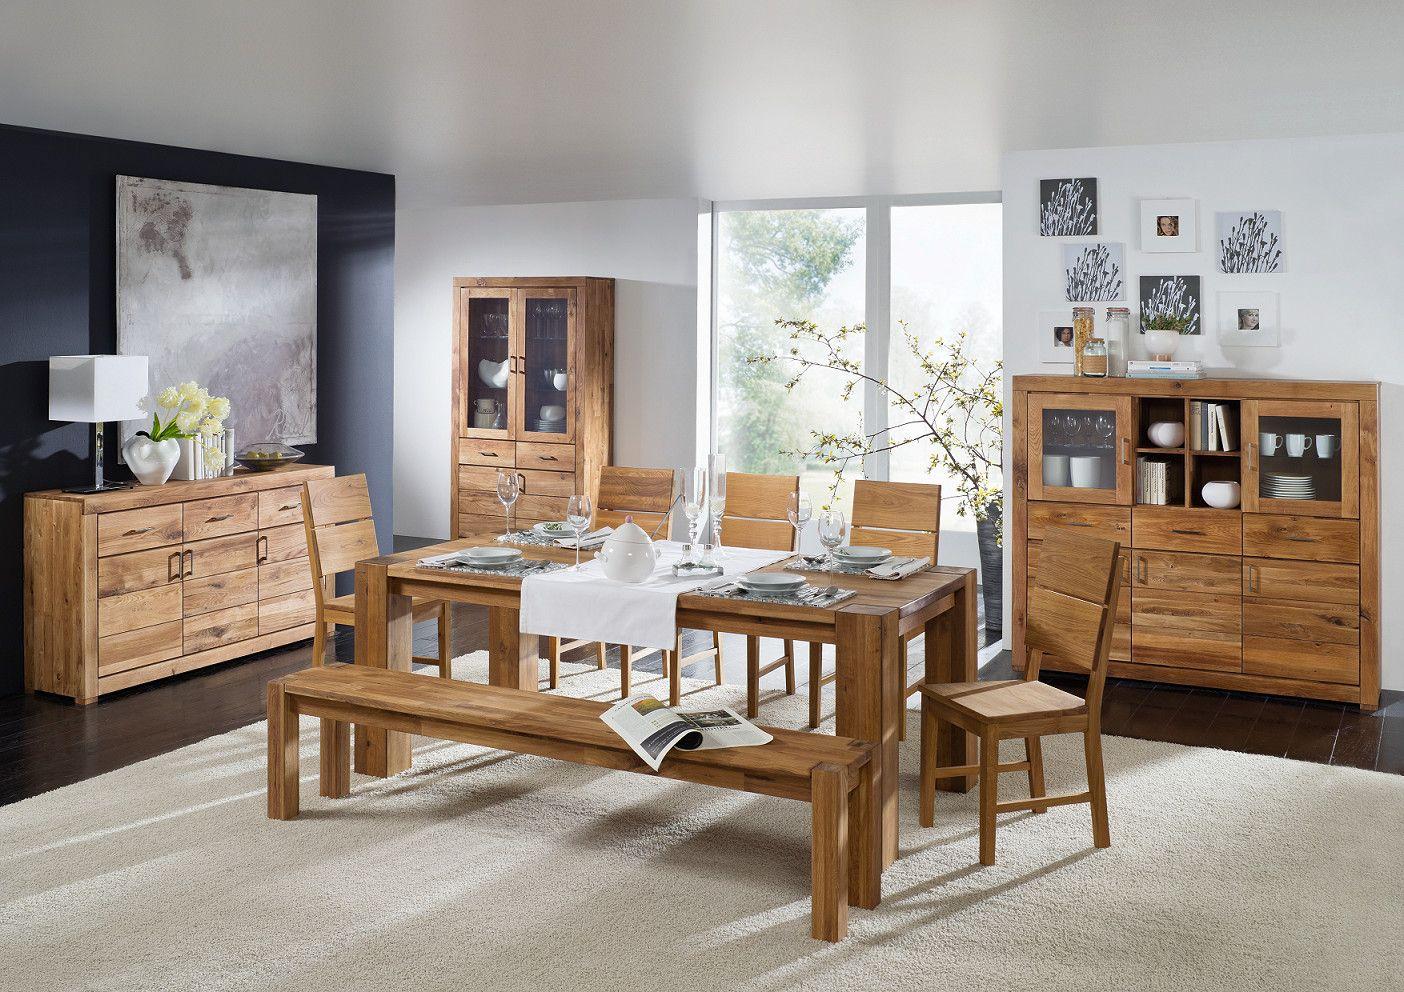 Möbel Berlin versandfrei kaufen Möbel berlin, Wohnen und